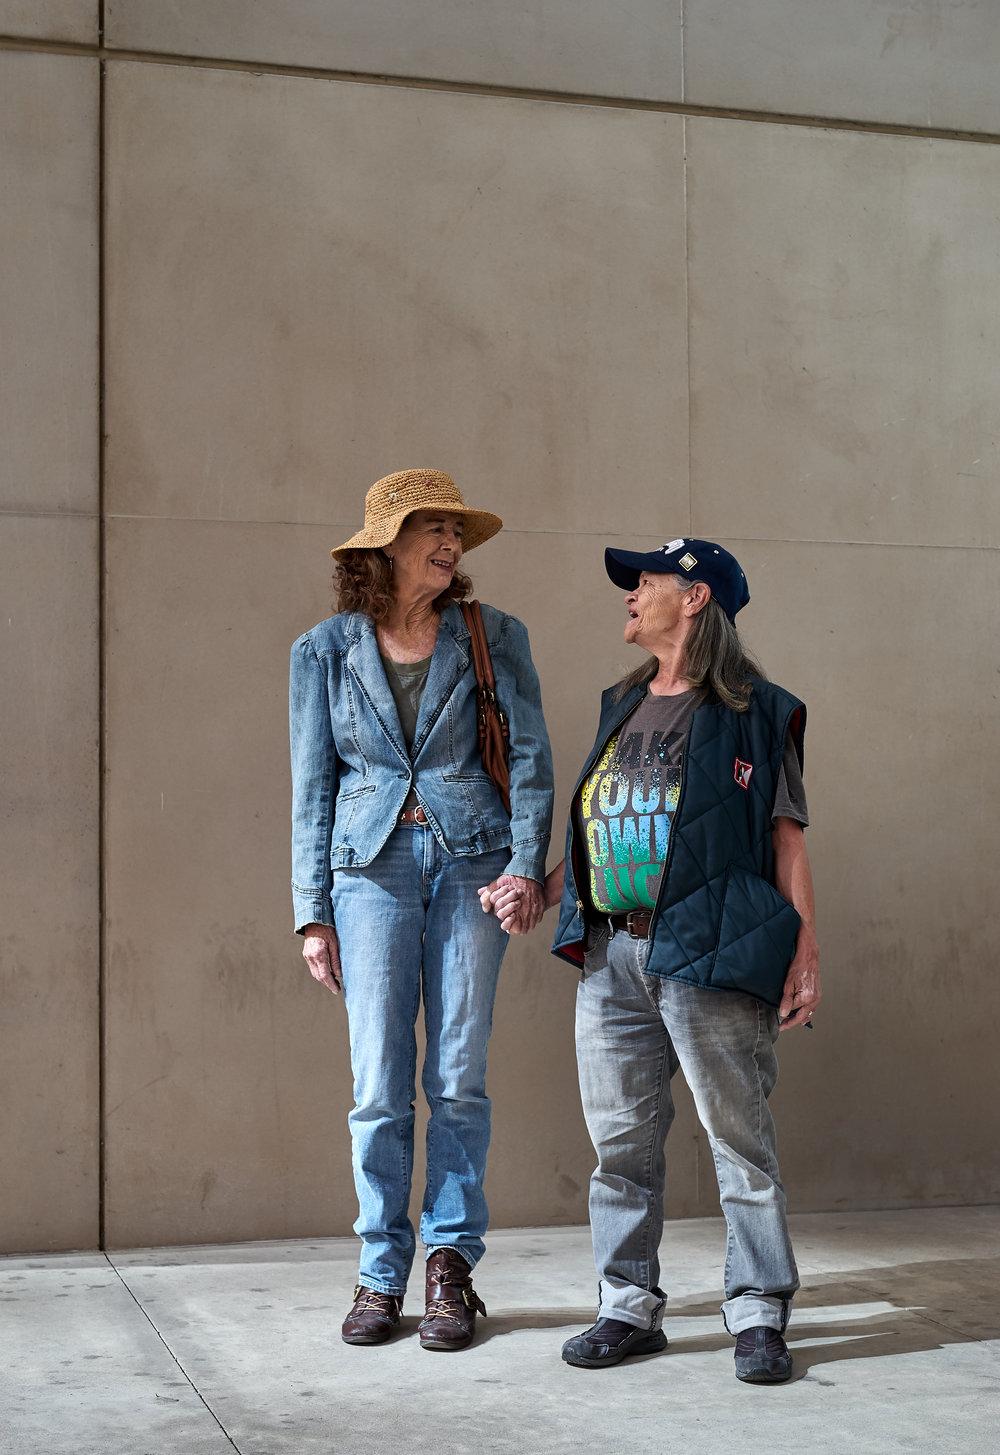 Kathy & Fern